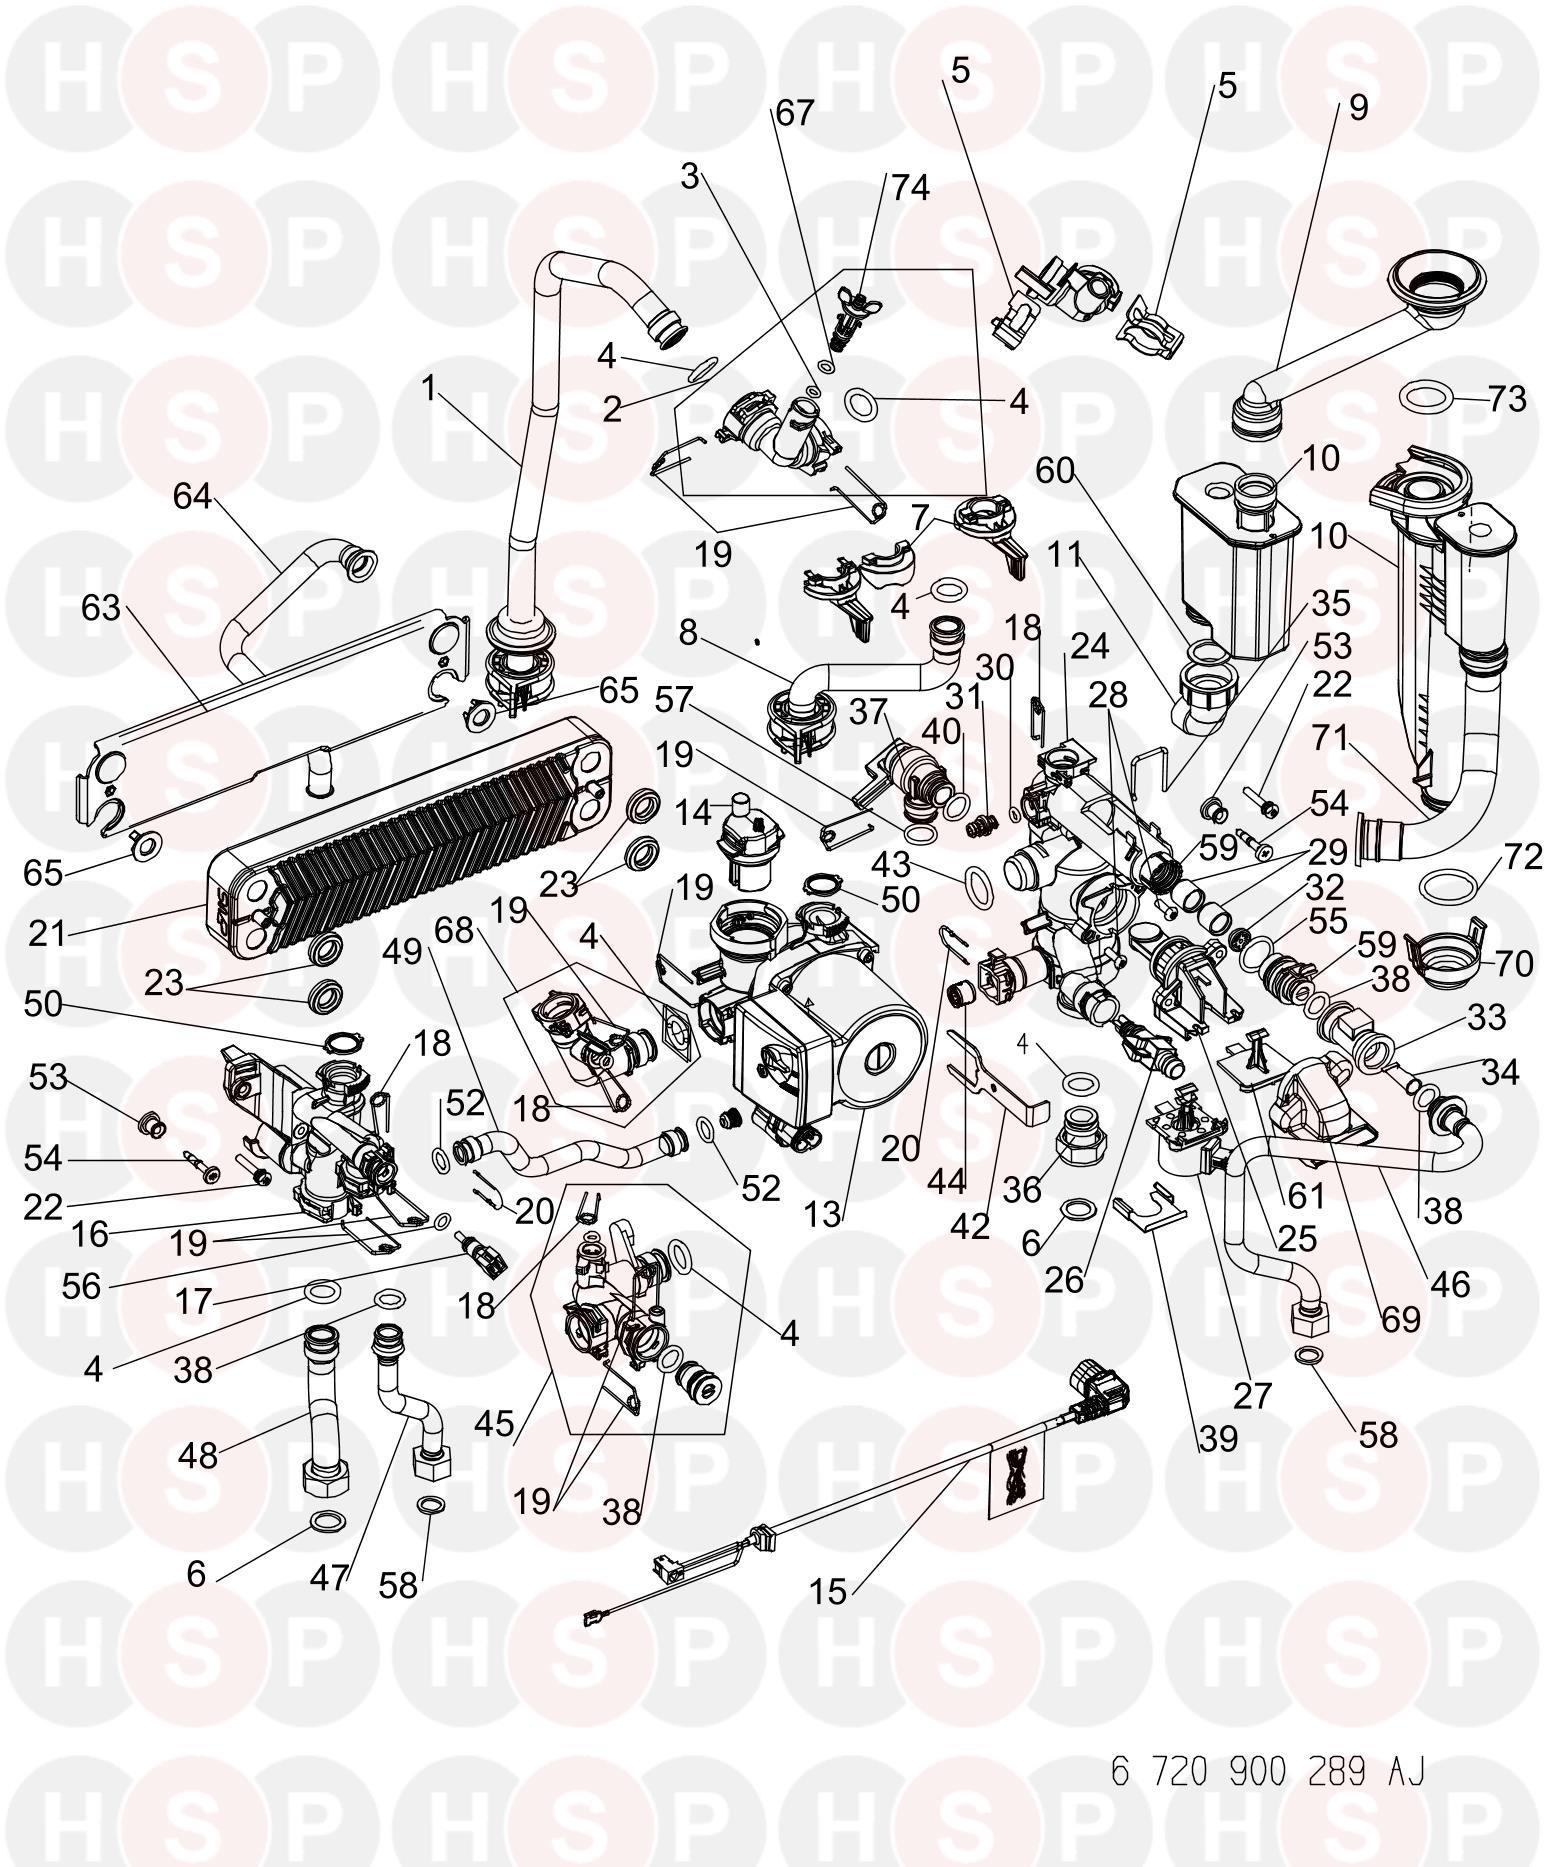 worcester greenstar 30 si  hydraulics  diagram